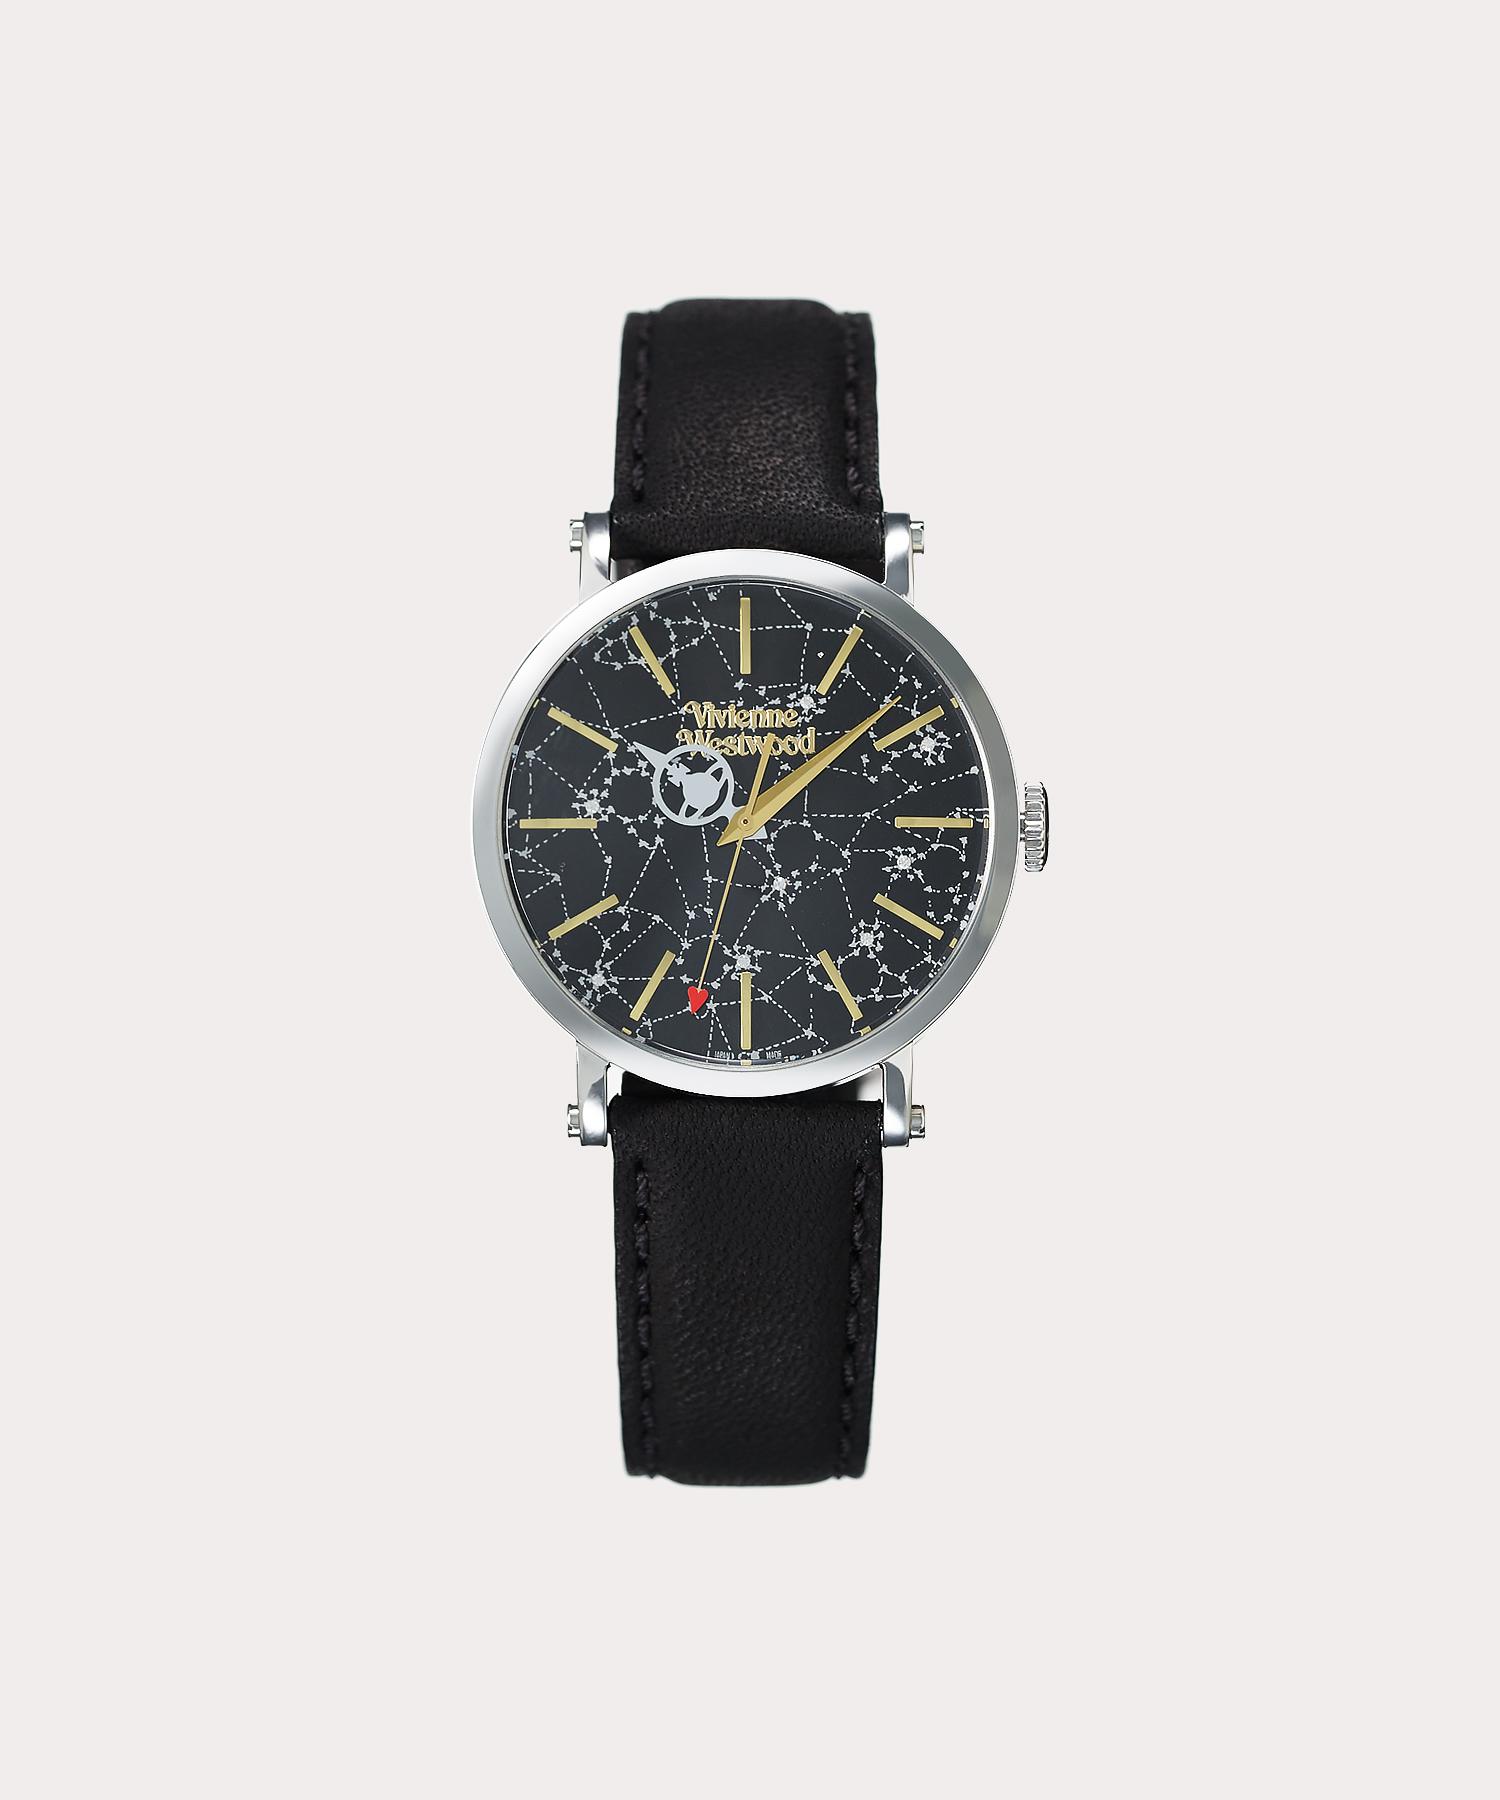 ヴィヴィアンウエストウッドの時計修理はいくらかかる?費用と依頼する方法を解説